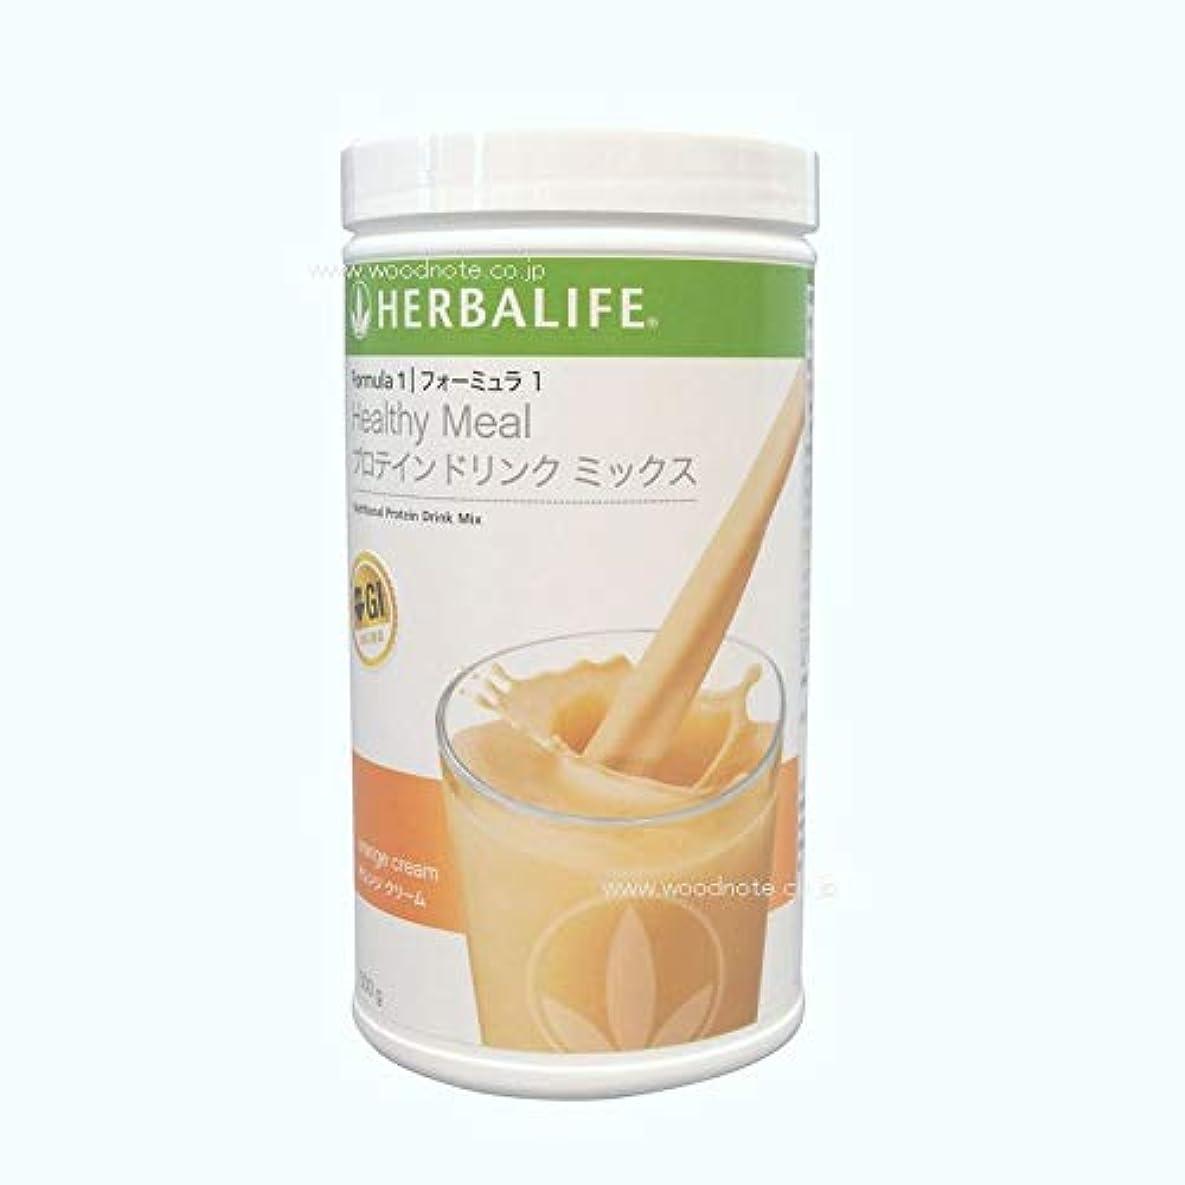 試み拾う血まみれのハーバライフ HERBALIFE フォーミュラ1プロテインドリンクミックス オレンジクリーム味